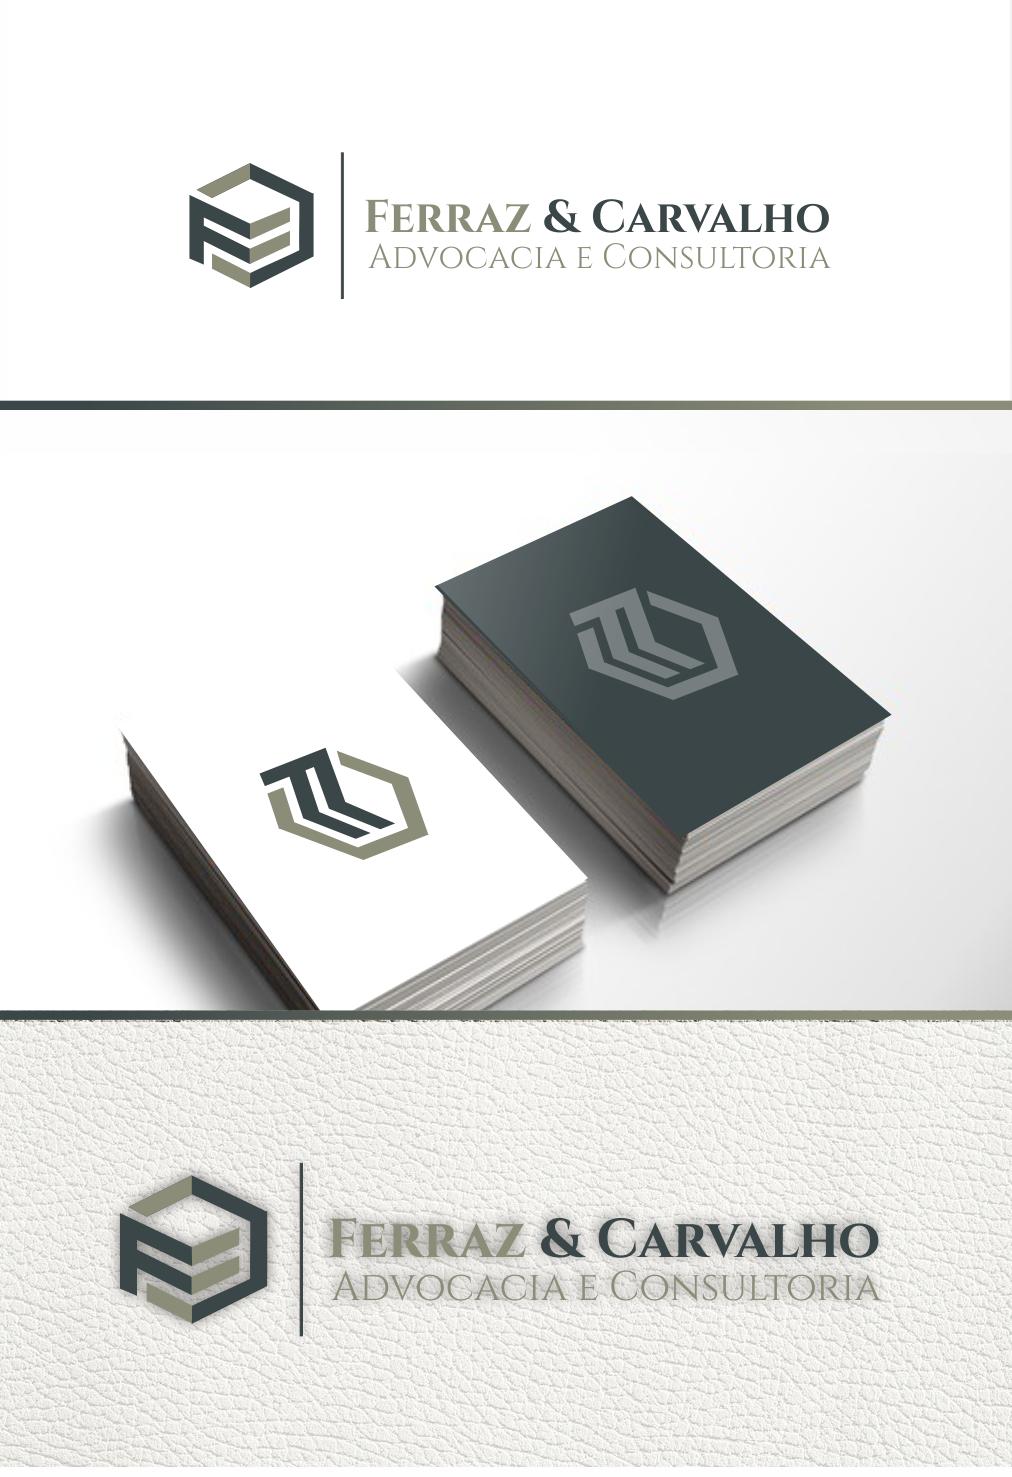 Ferraz Carvalho Advocacia e Consultoria1.png